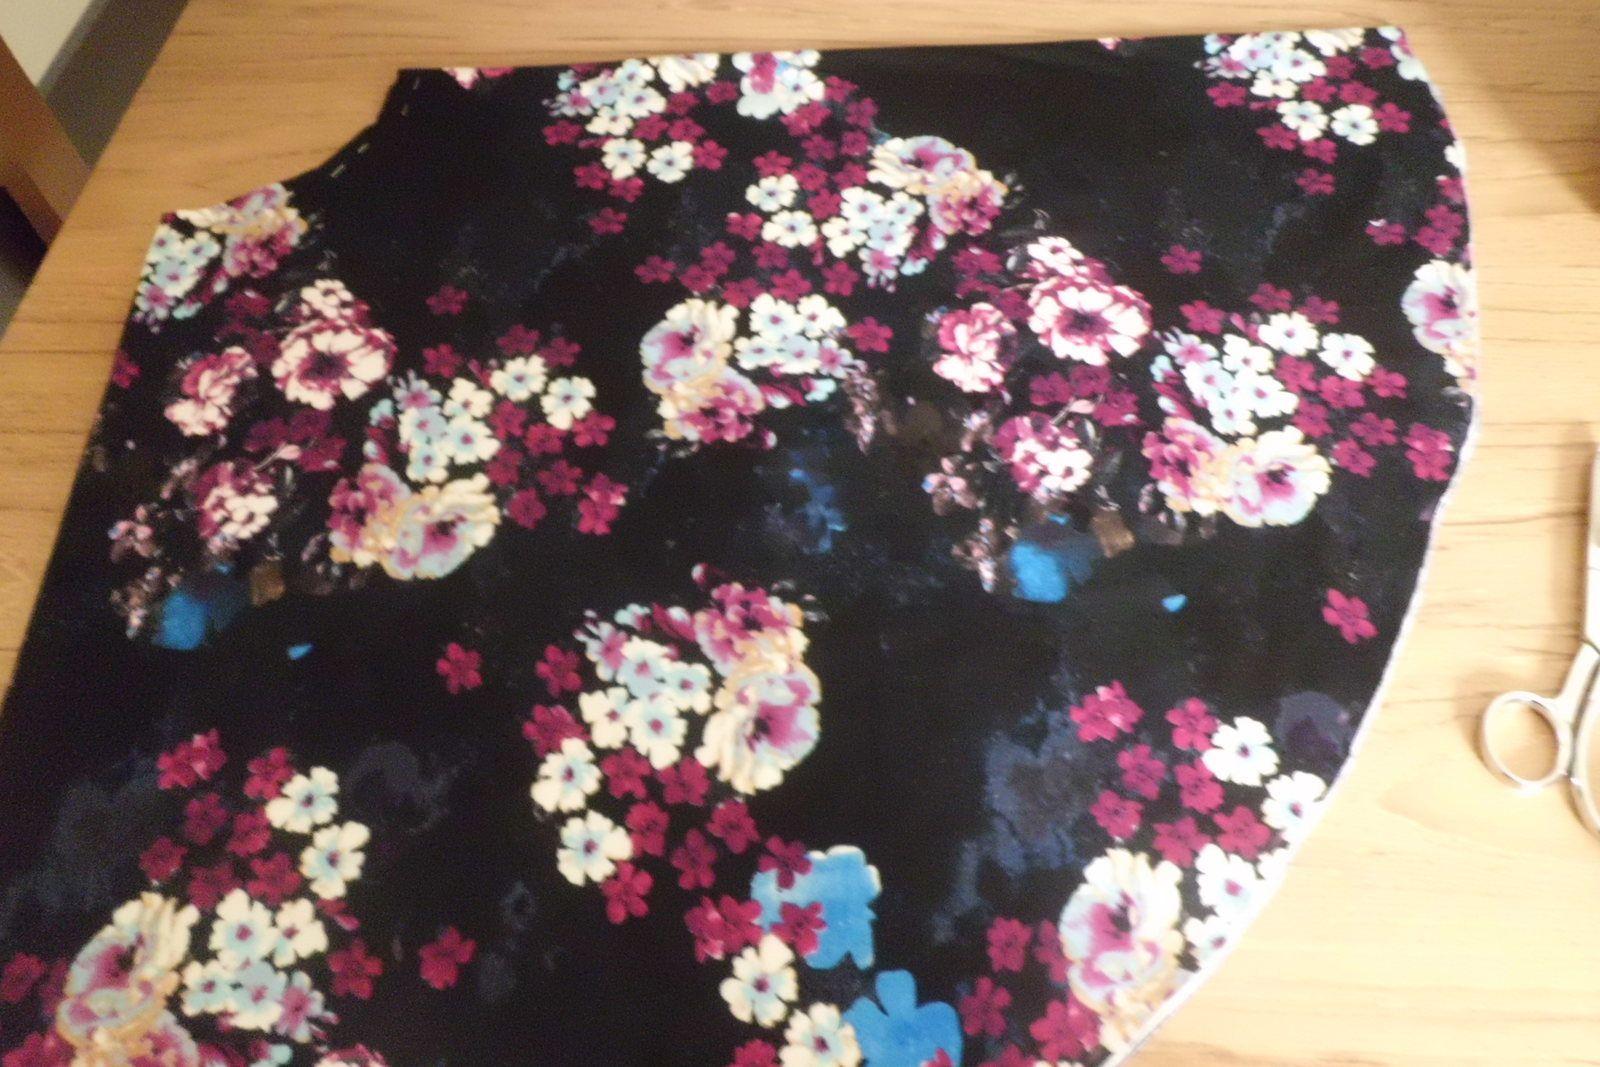 Le cas de la robe à fleur / The flower print dress case